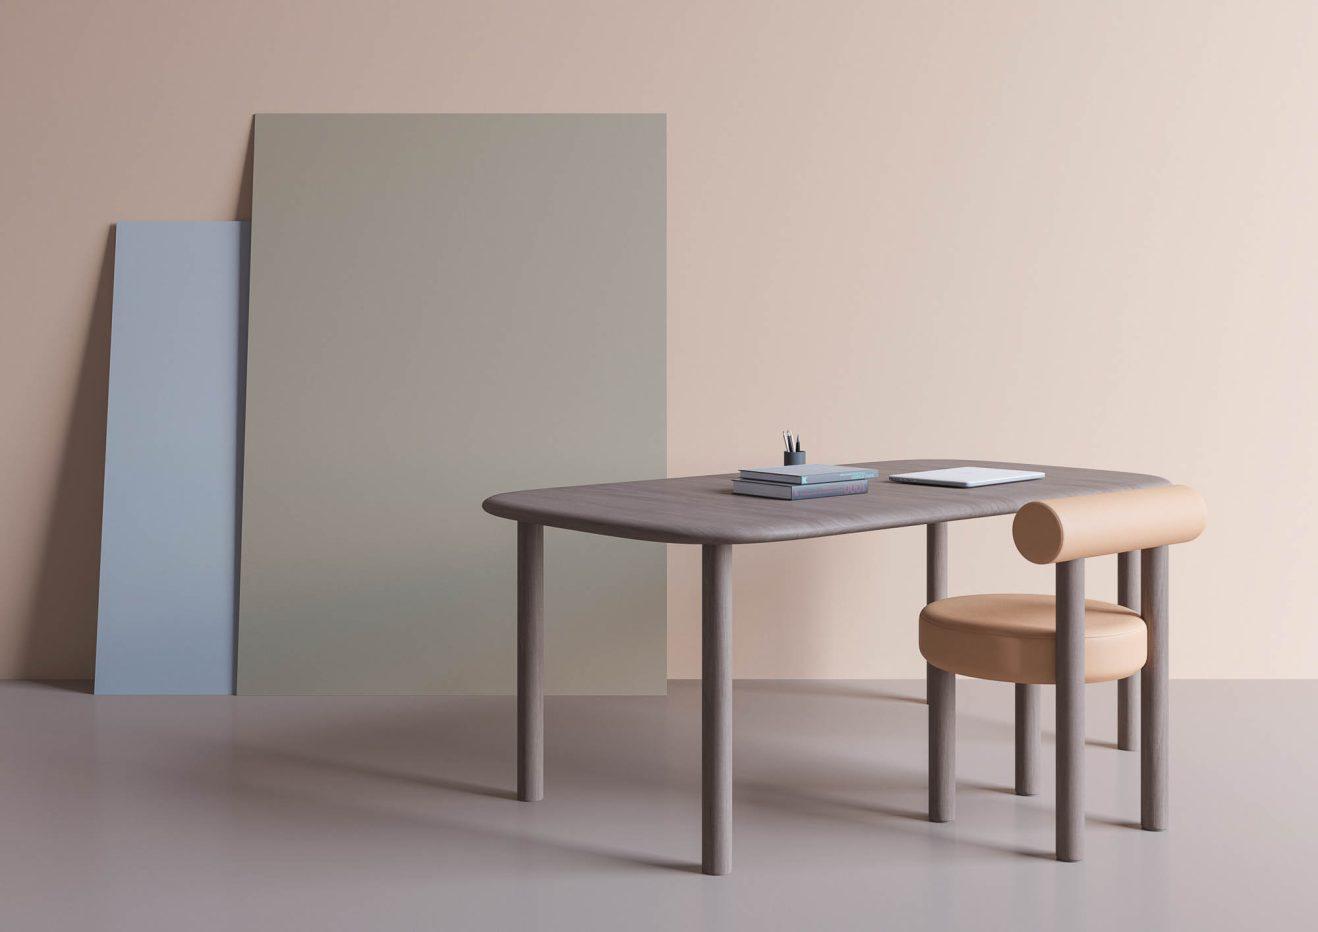 Chair Gropius CS2 by Noom 2